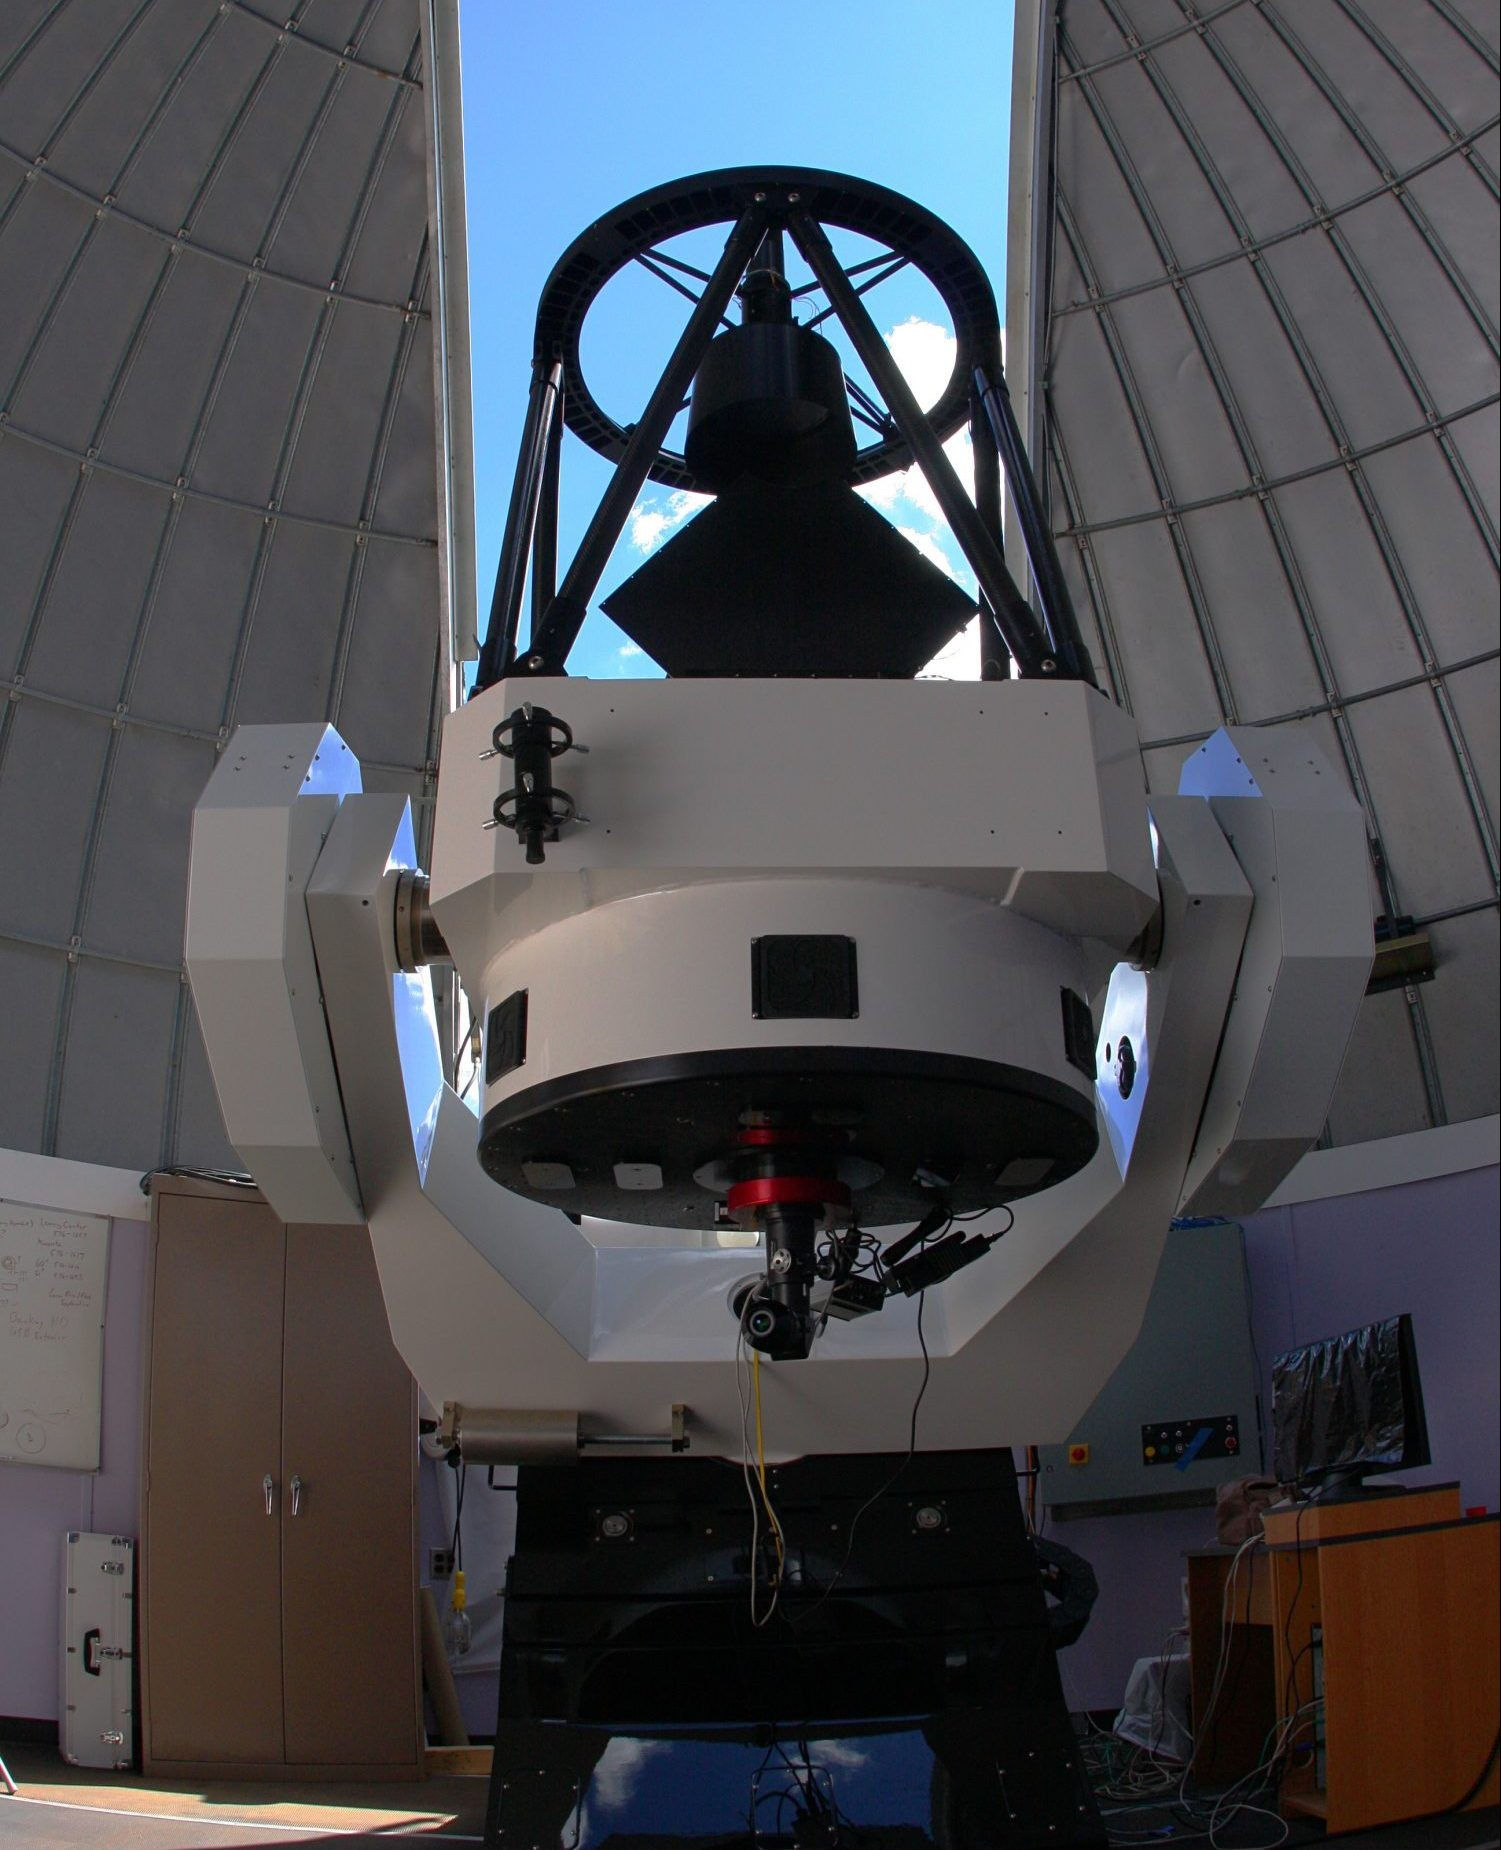 The Schulman 32-inch remote telescope